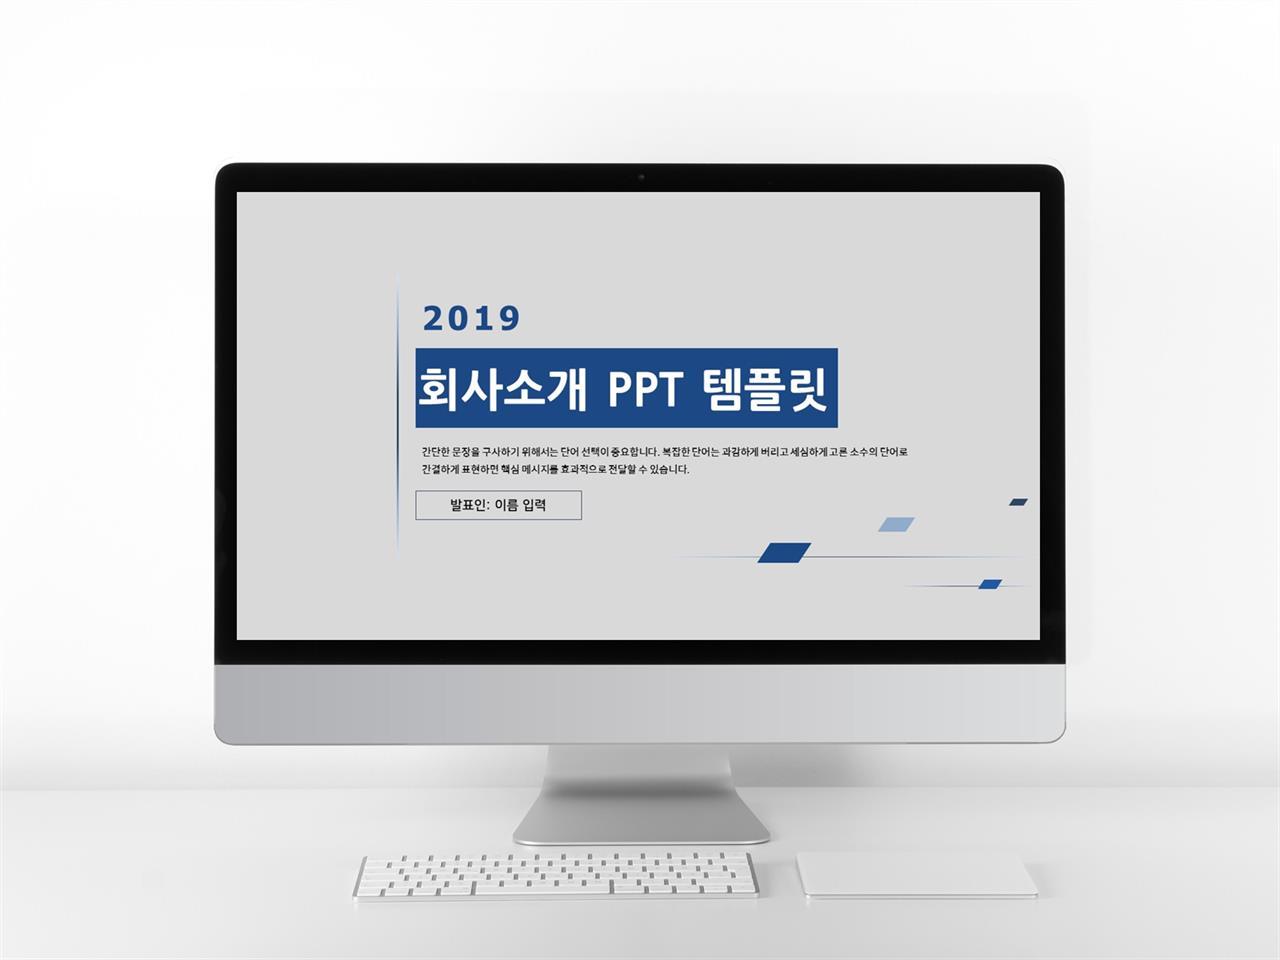 기업홍보 푸른색 간편한 고급스럽운 PPT탬플릿 사이트 미리보기